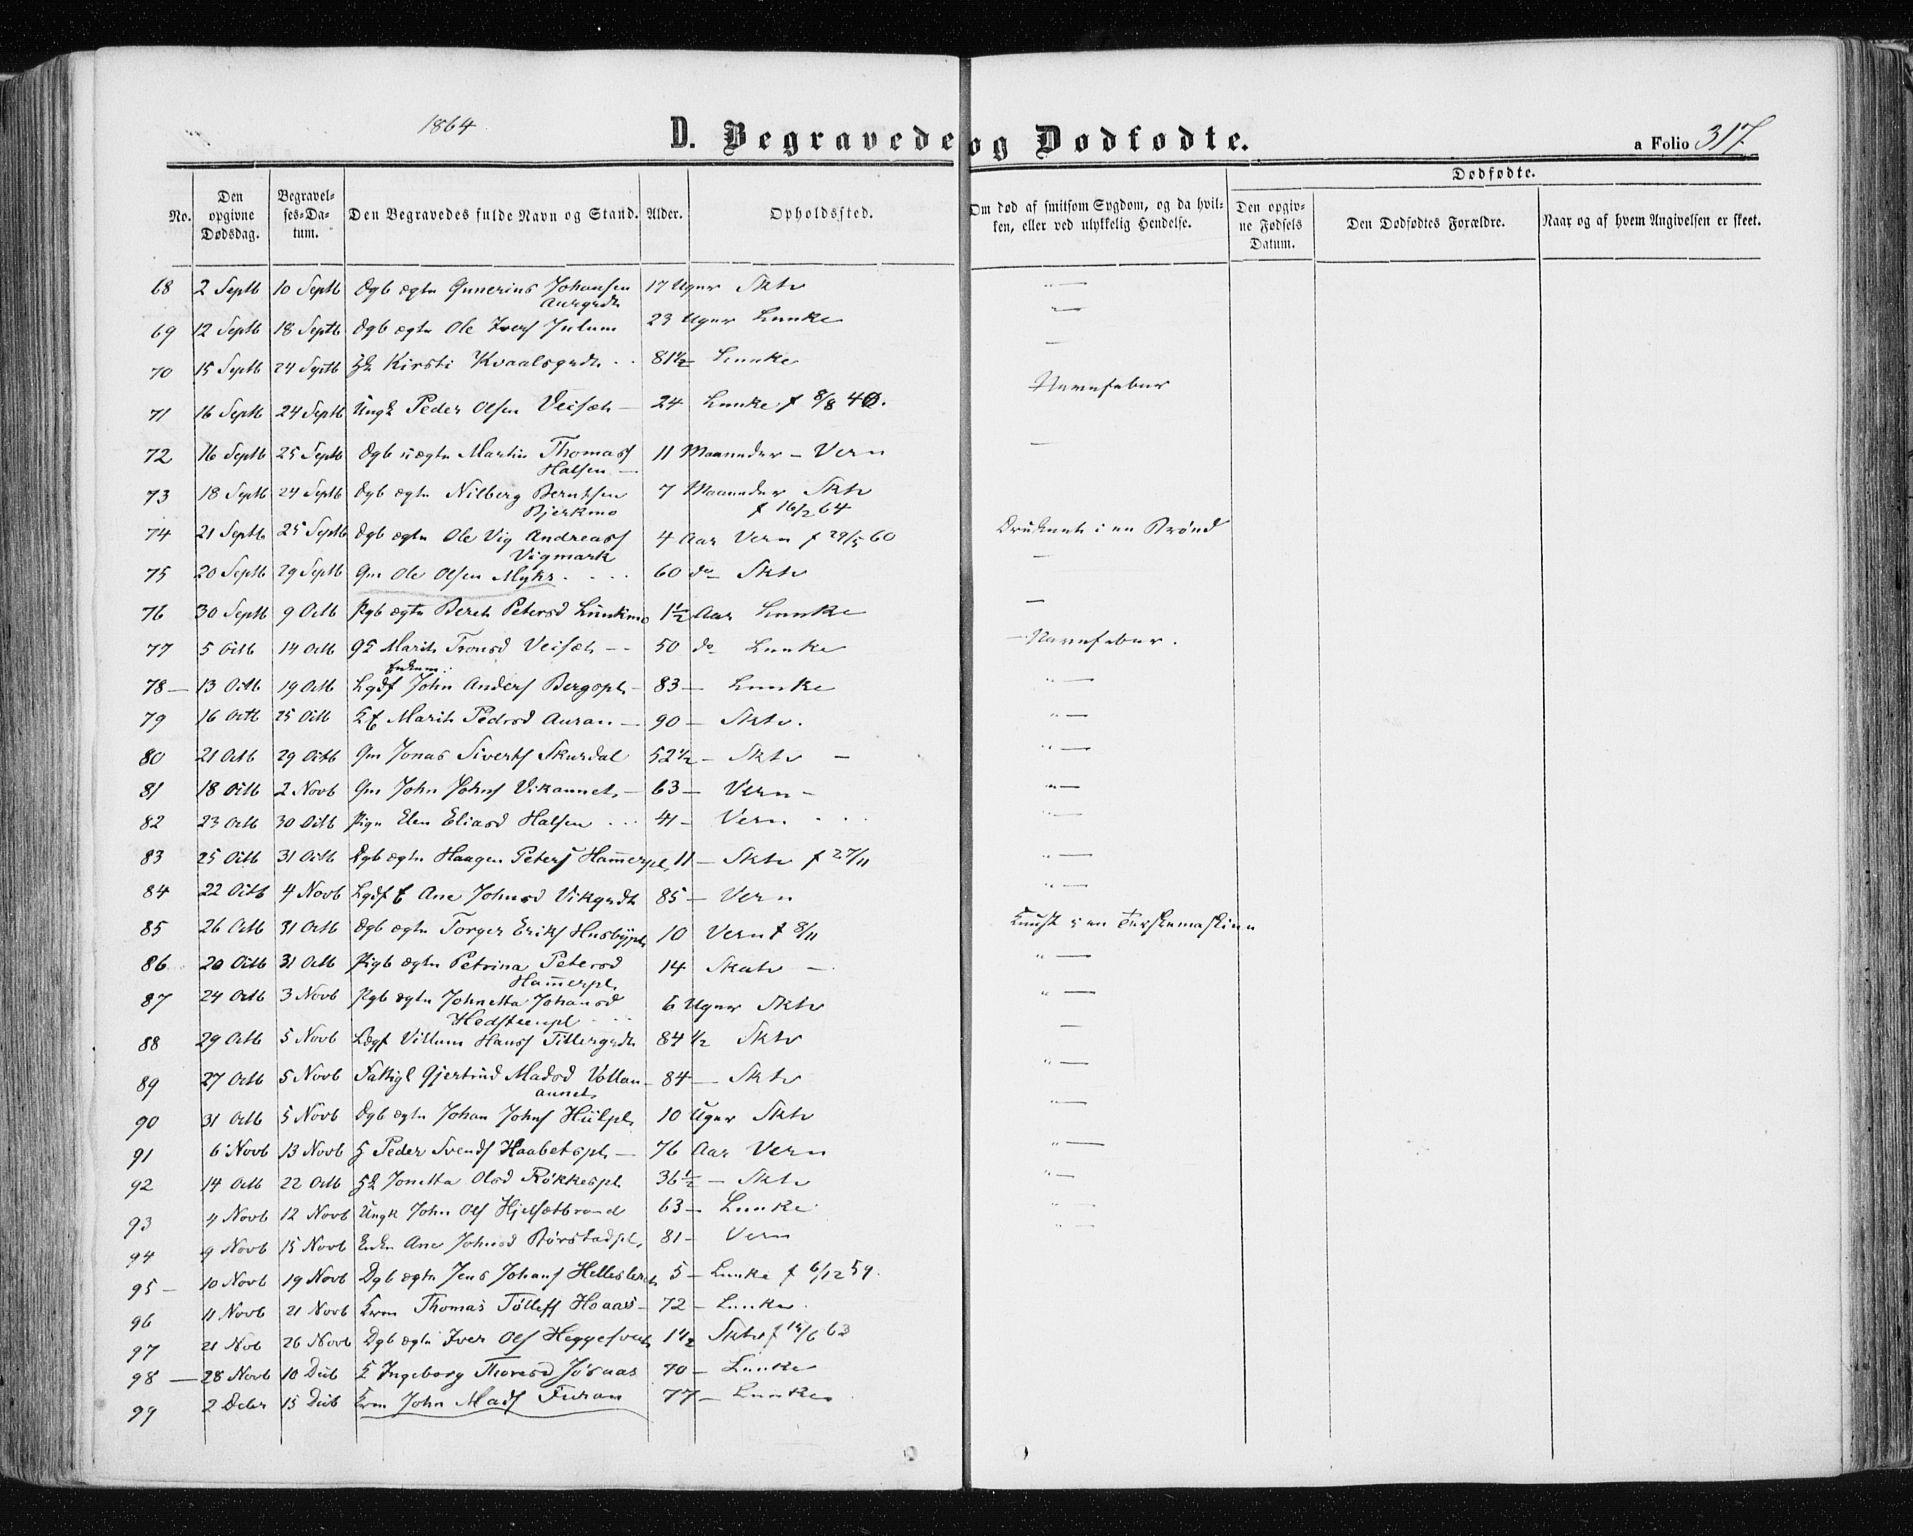 SAT, Ministerialprotokoller, klokkerbøker og fødselsregistre - Nord-Trøndelag, 709/L0075: Ministerialbok nr. 709A15, 1859-1870, s. 317